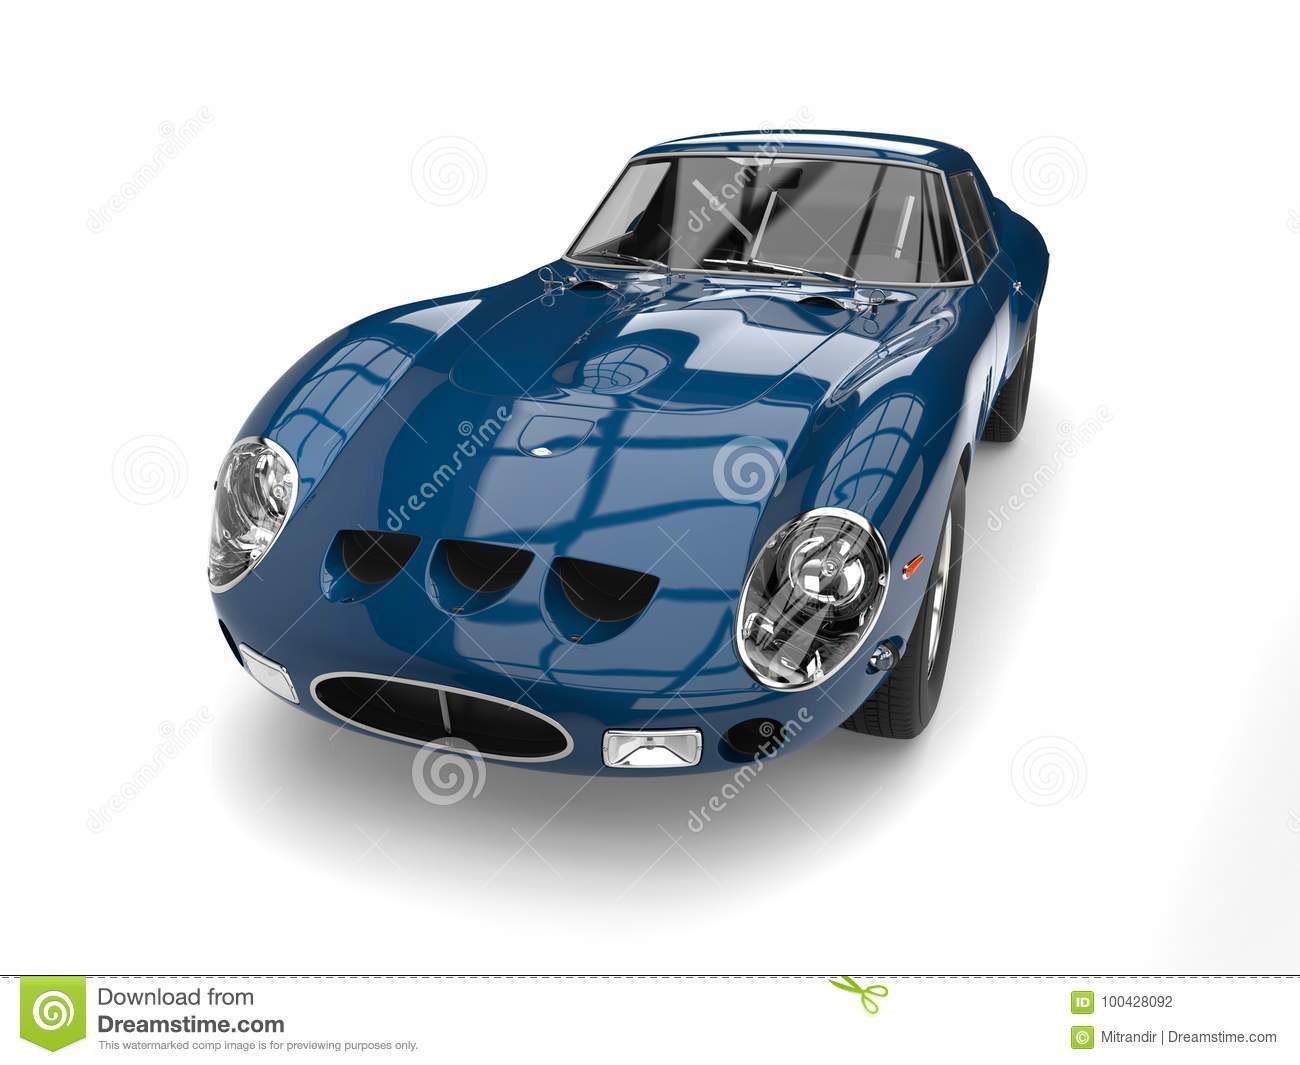 cobalt blue vase vintage of cobalt blue fast vintage race car top hood view stock illustration with cobalt blue fast vintage race car top hood view